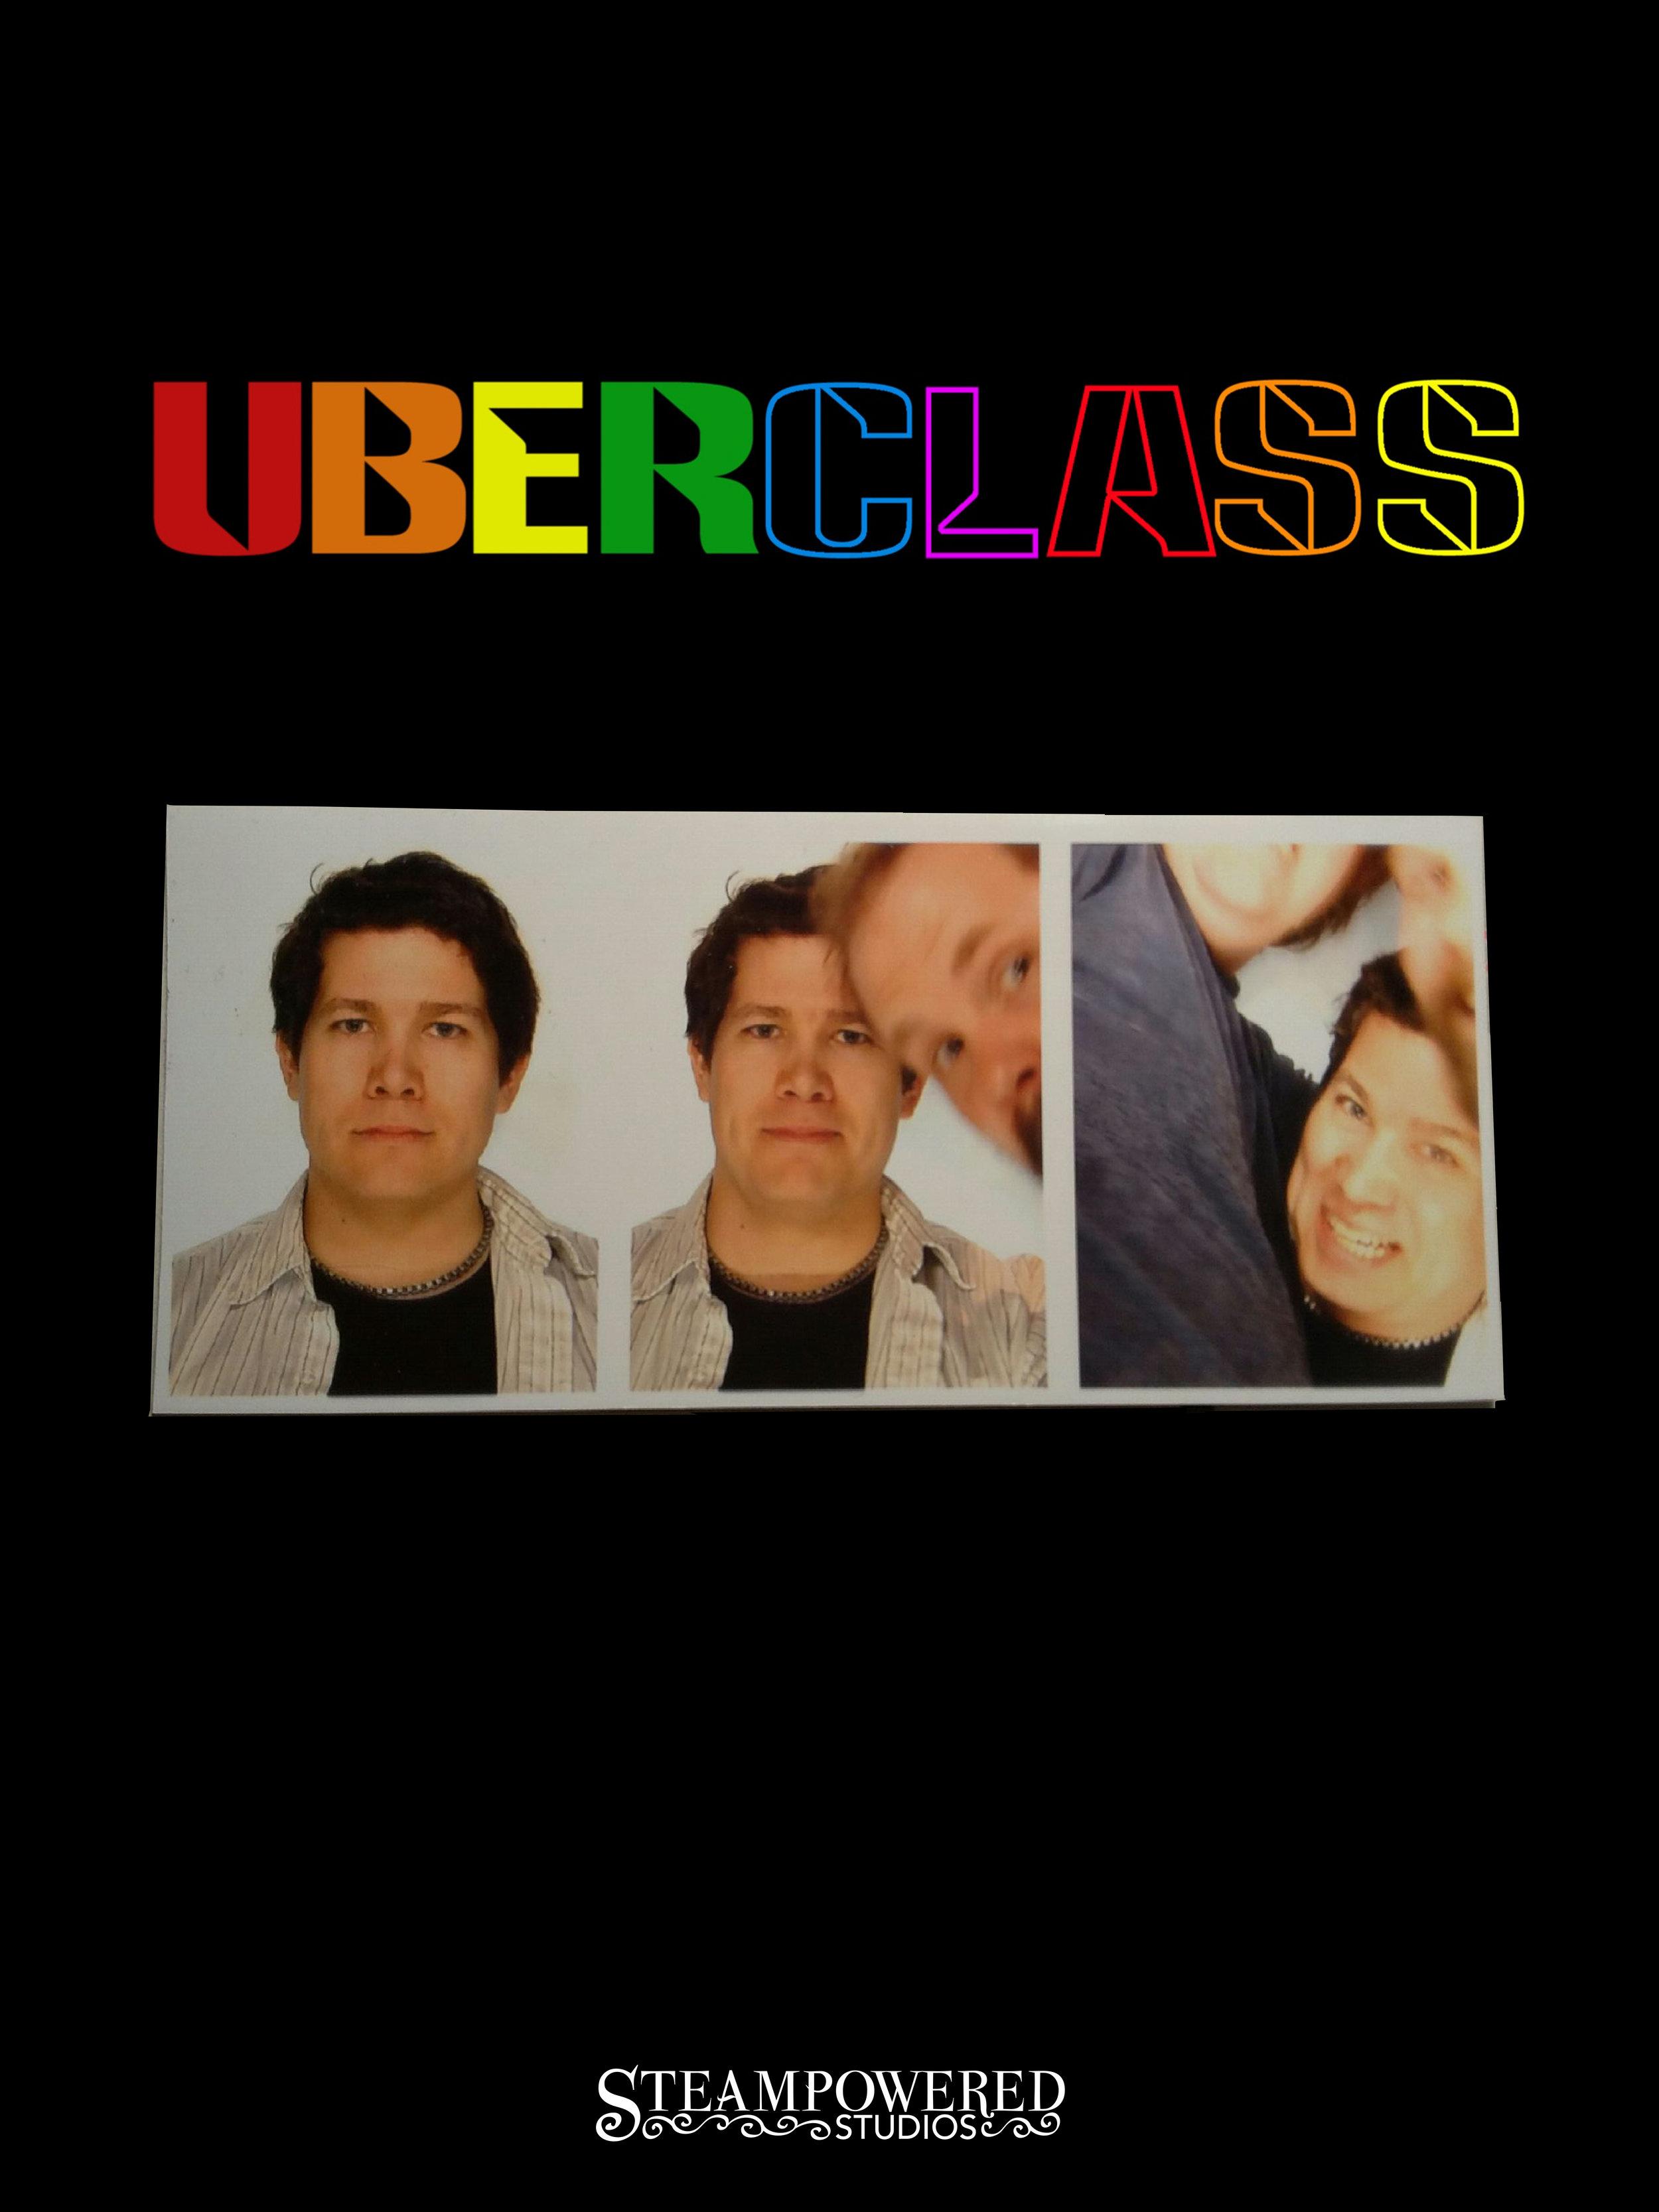 UBERCLASS, 2014-20XX - Webseries